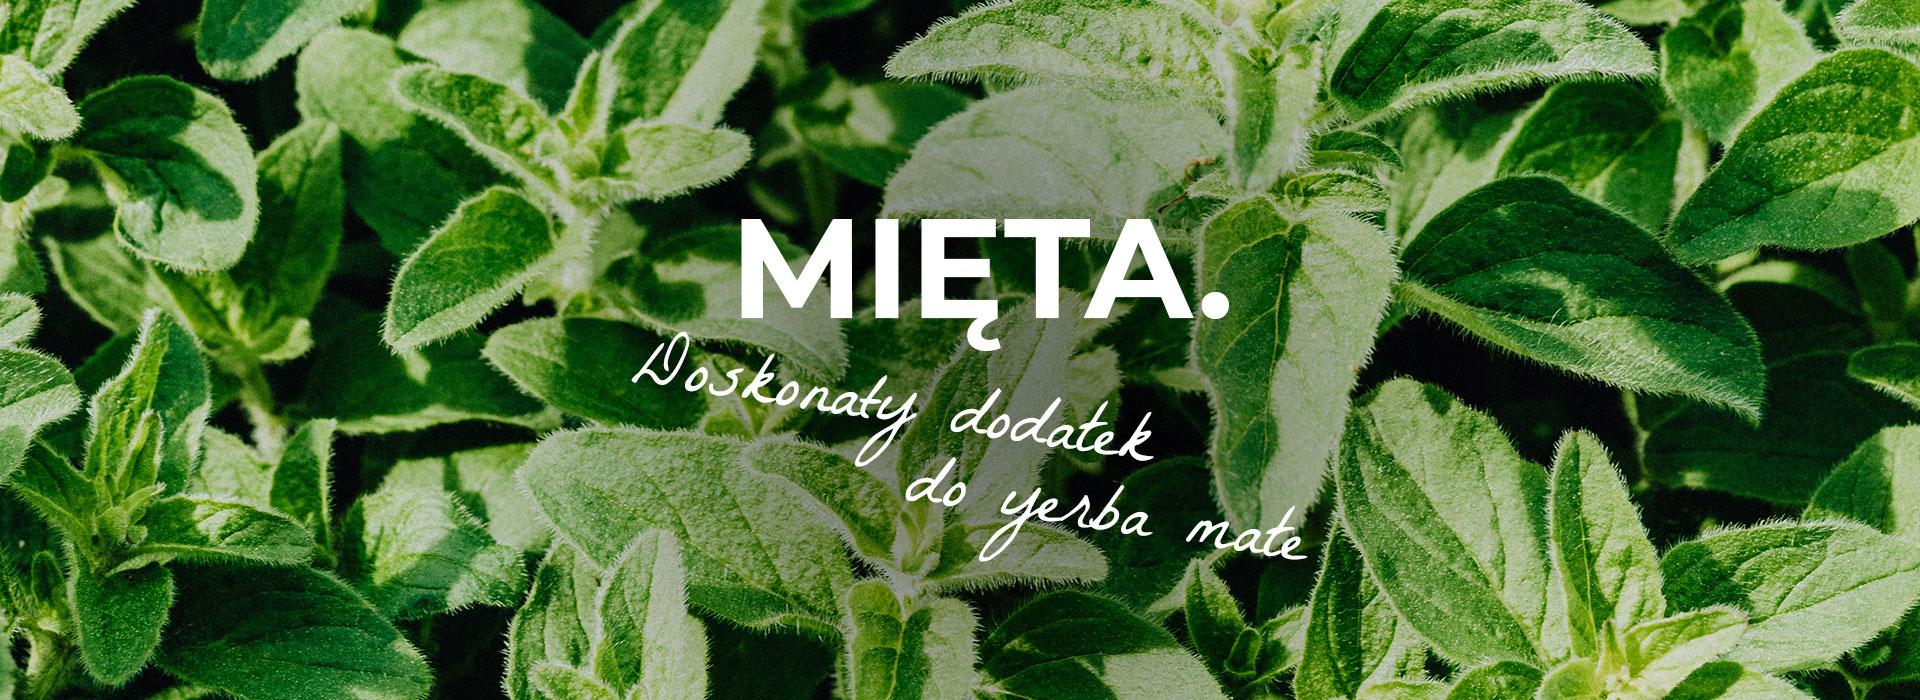 Mięta to bardzo popularne ziele o działaniu kojącym, rozkurczowym oraz regulującym układ pokarmowy.     | ZielonyTarg.pl